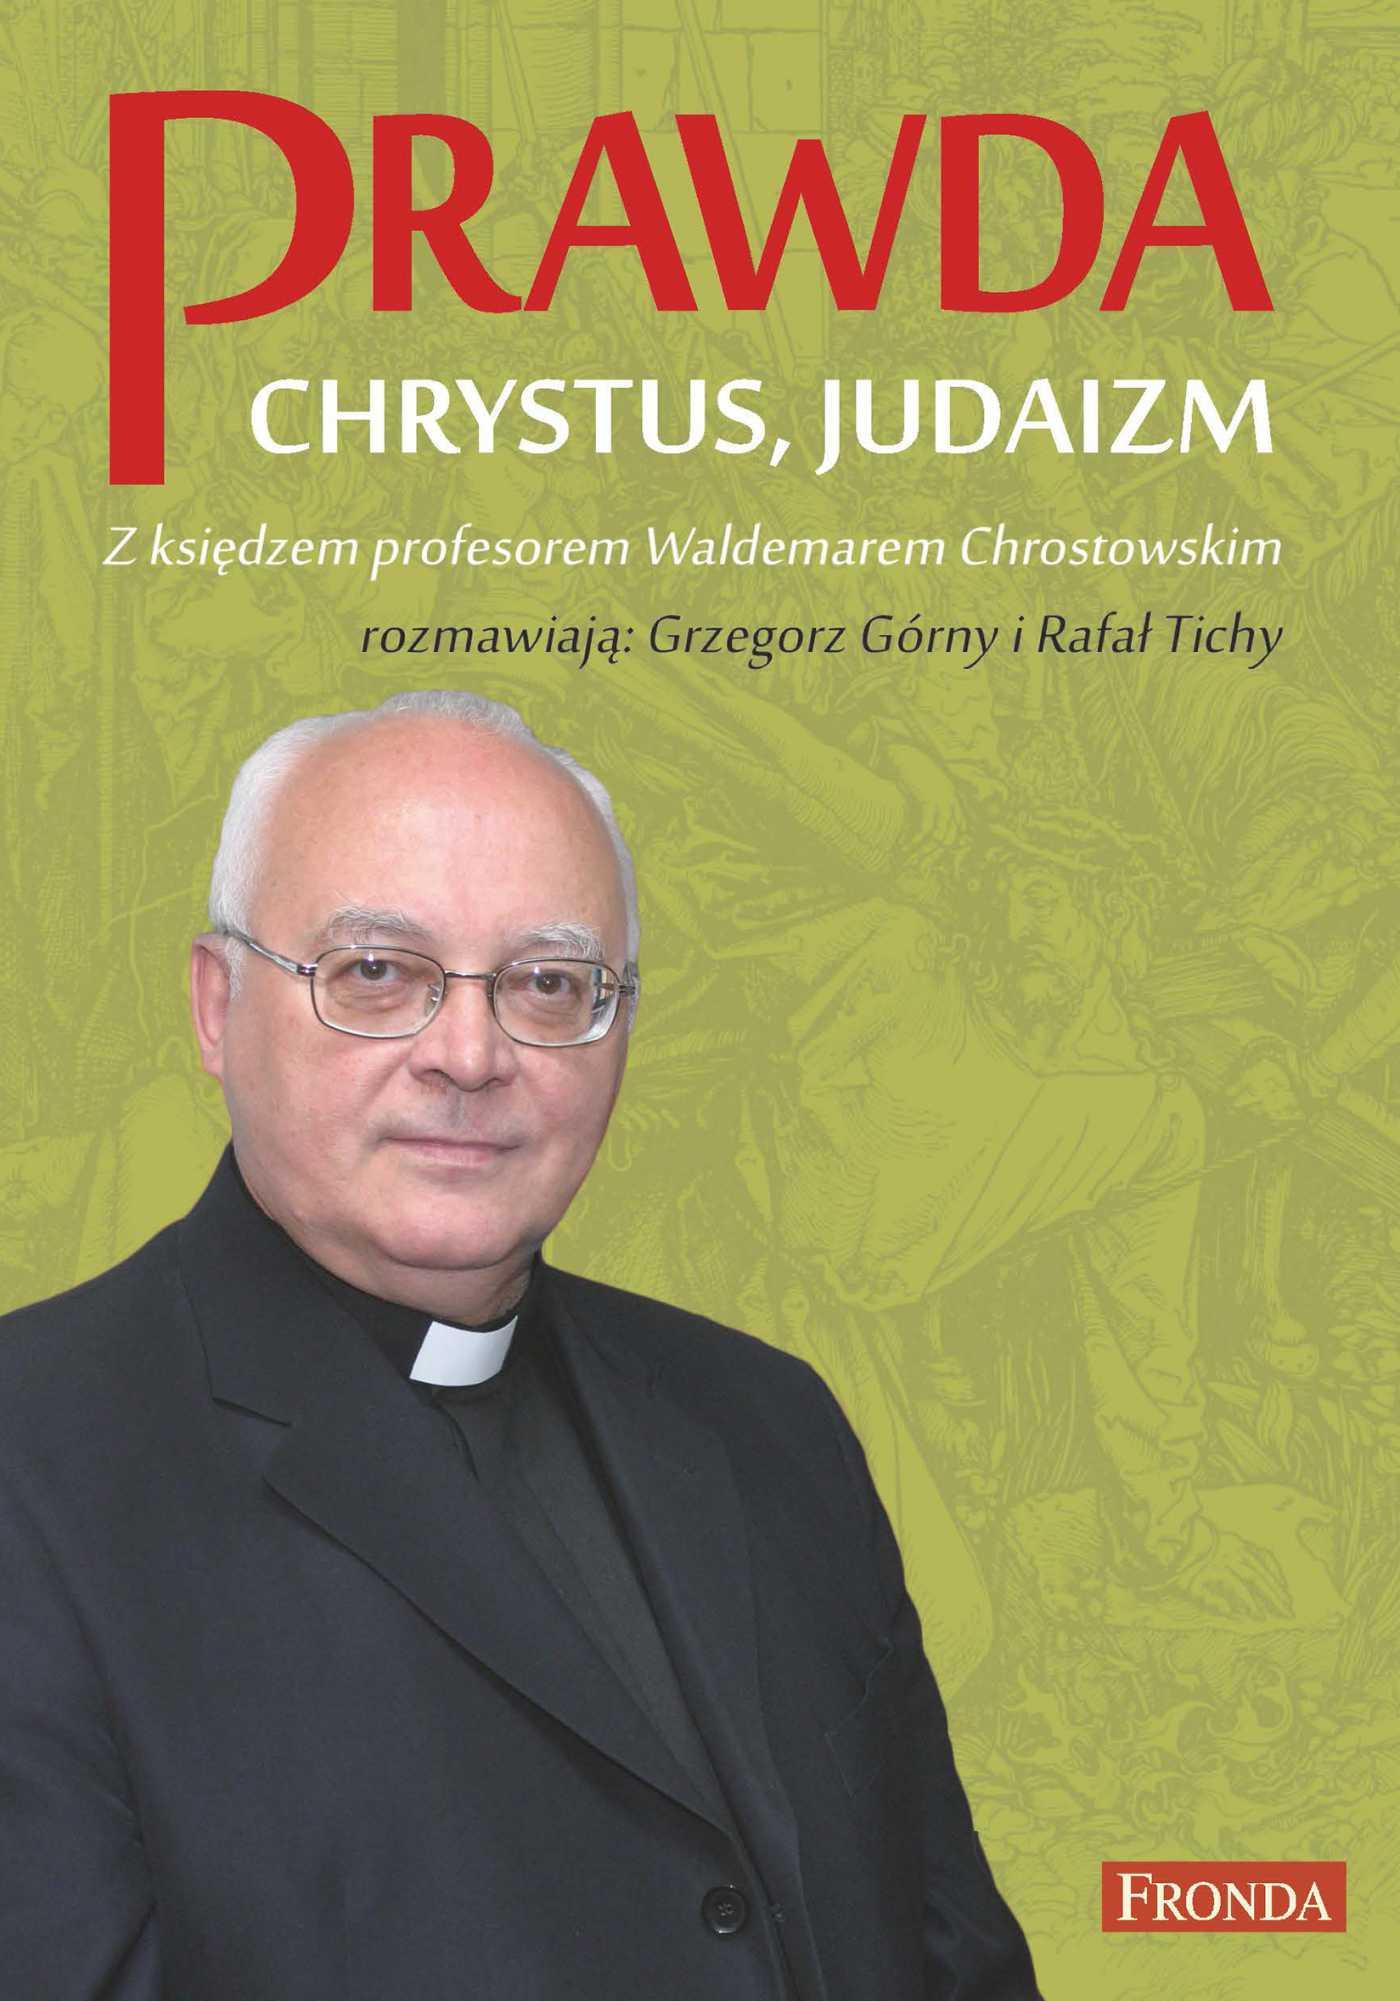 Prawda. Chrystus. Judaizm - Ebook (Książka EPUB) do pobrania w formacie EPUB